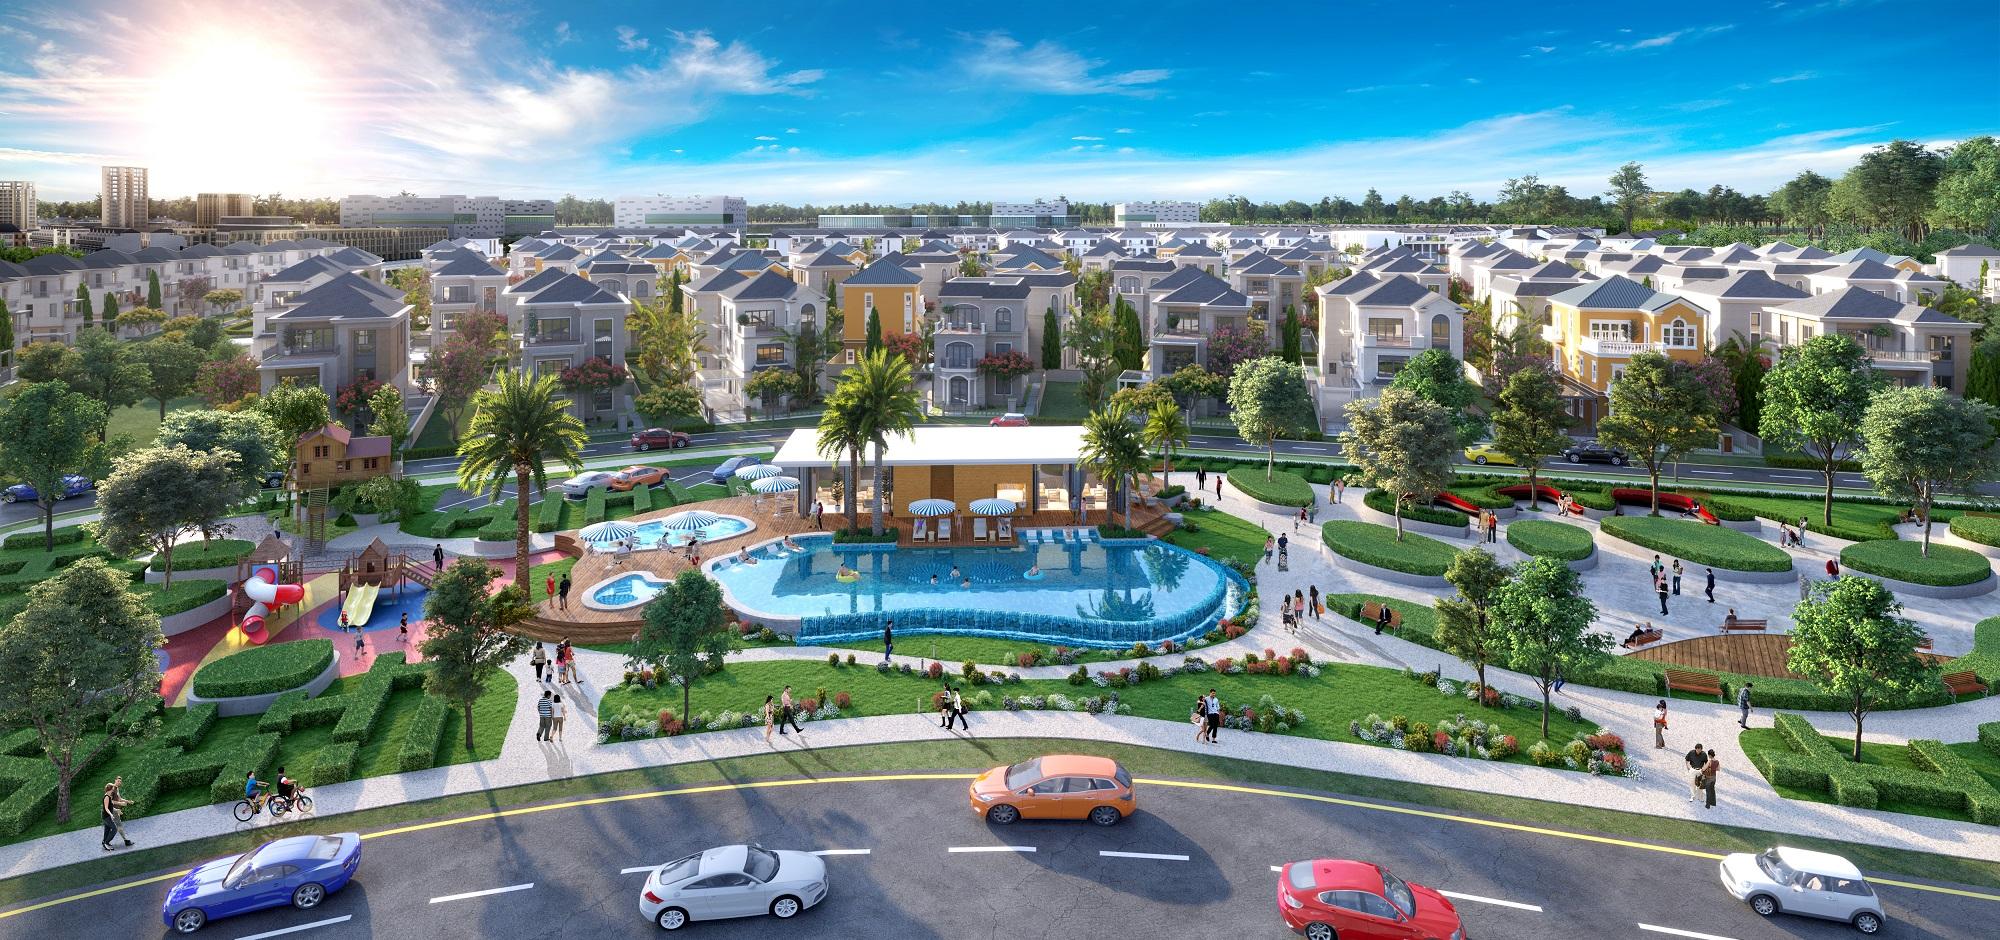 Các khu đô thị sinh thái thông minh được quy hoạch đồng bộ, hoàn chỉnh tiện ích, không quá xa đô thị trung tâm là đích ngắm của tầng lớp trung lưu cấp tiến